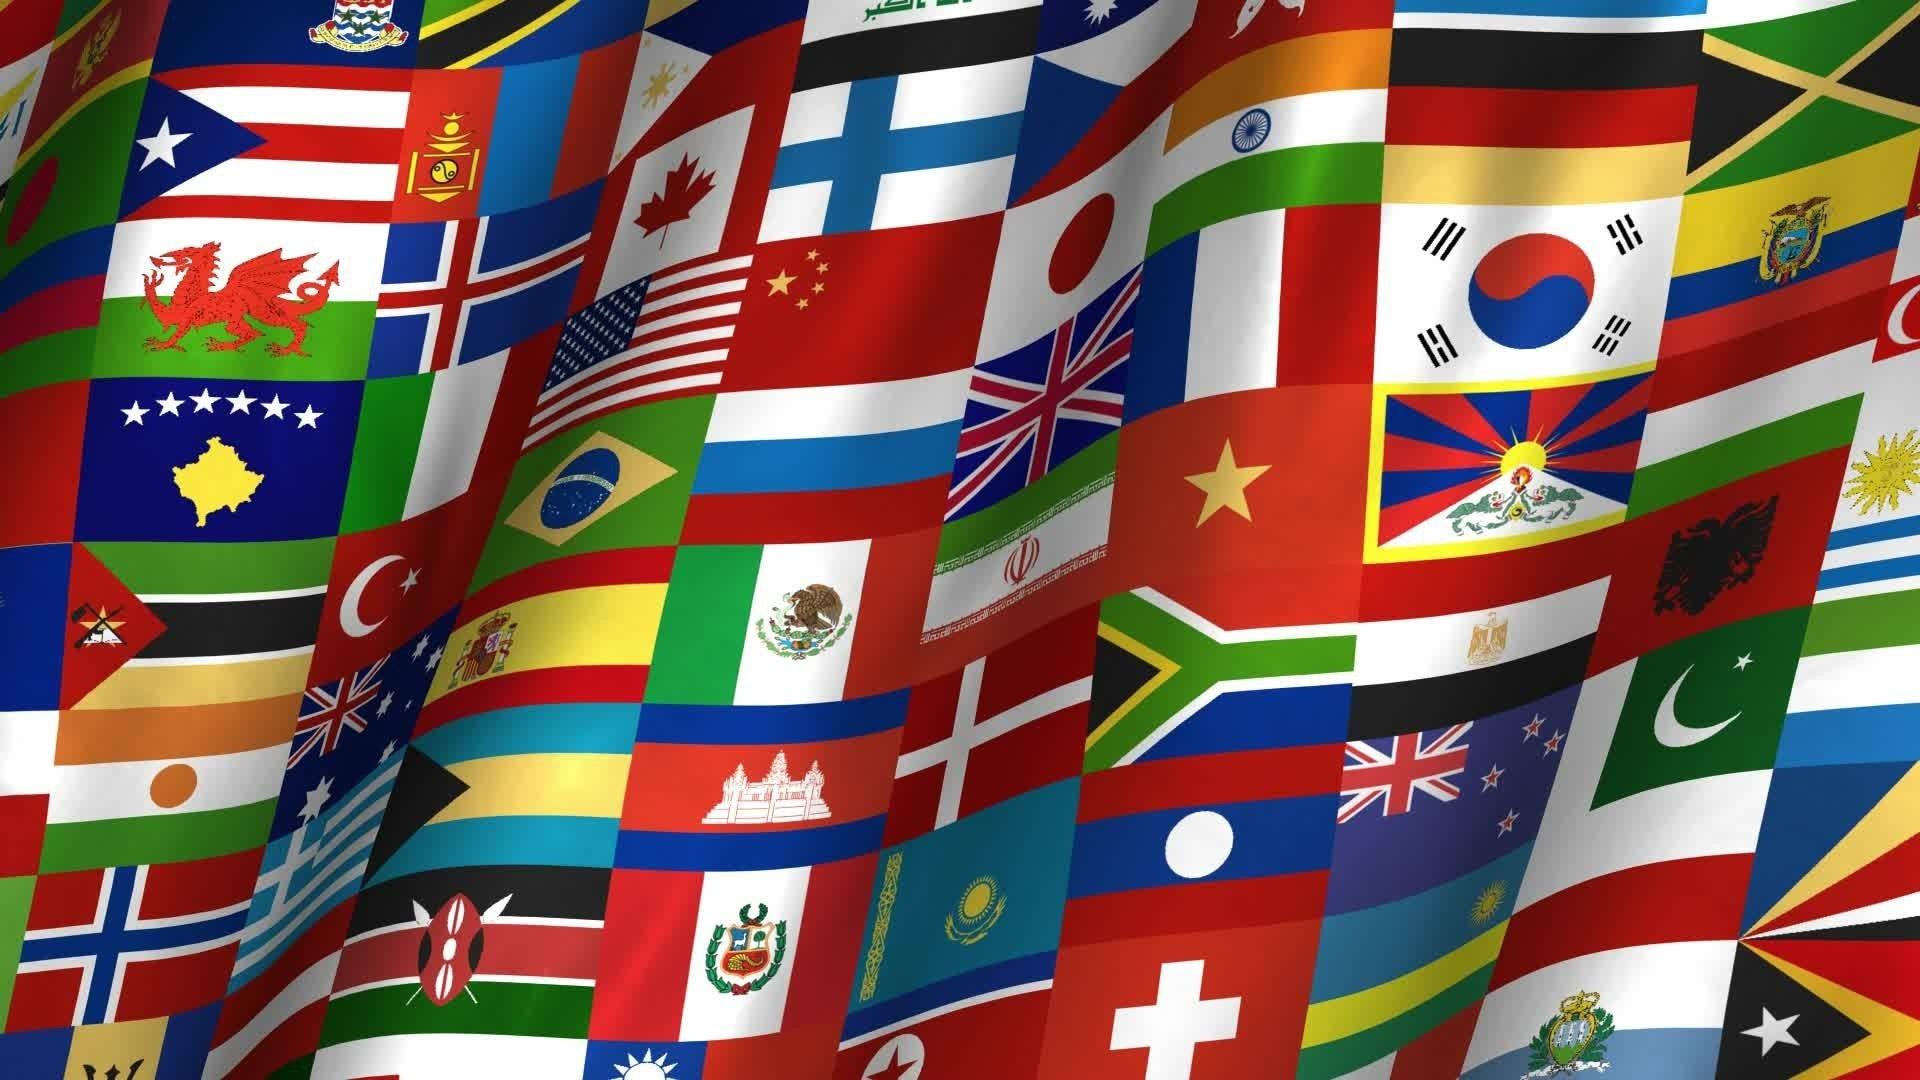 Спорт без границ Семь экзотичных стран которые заявили о себе в киберспорте